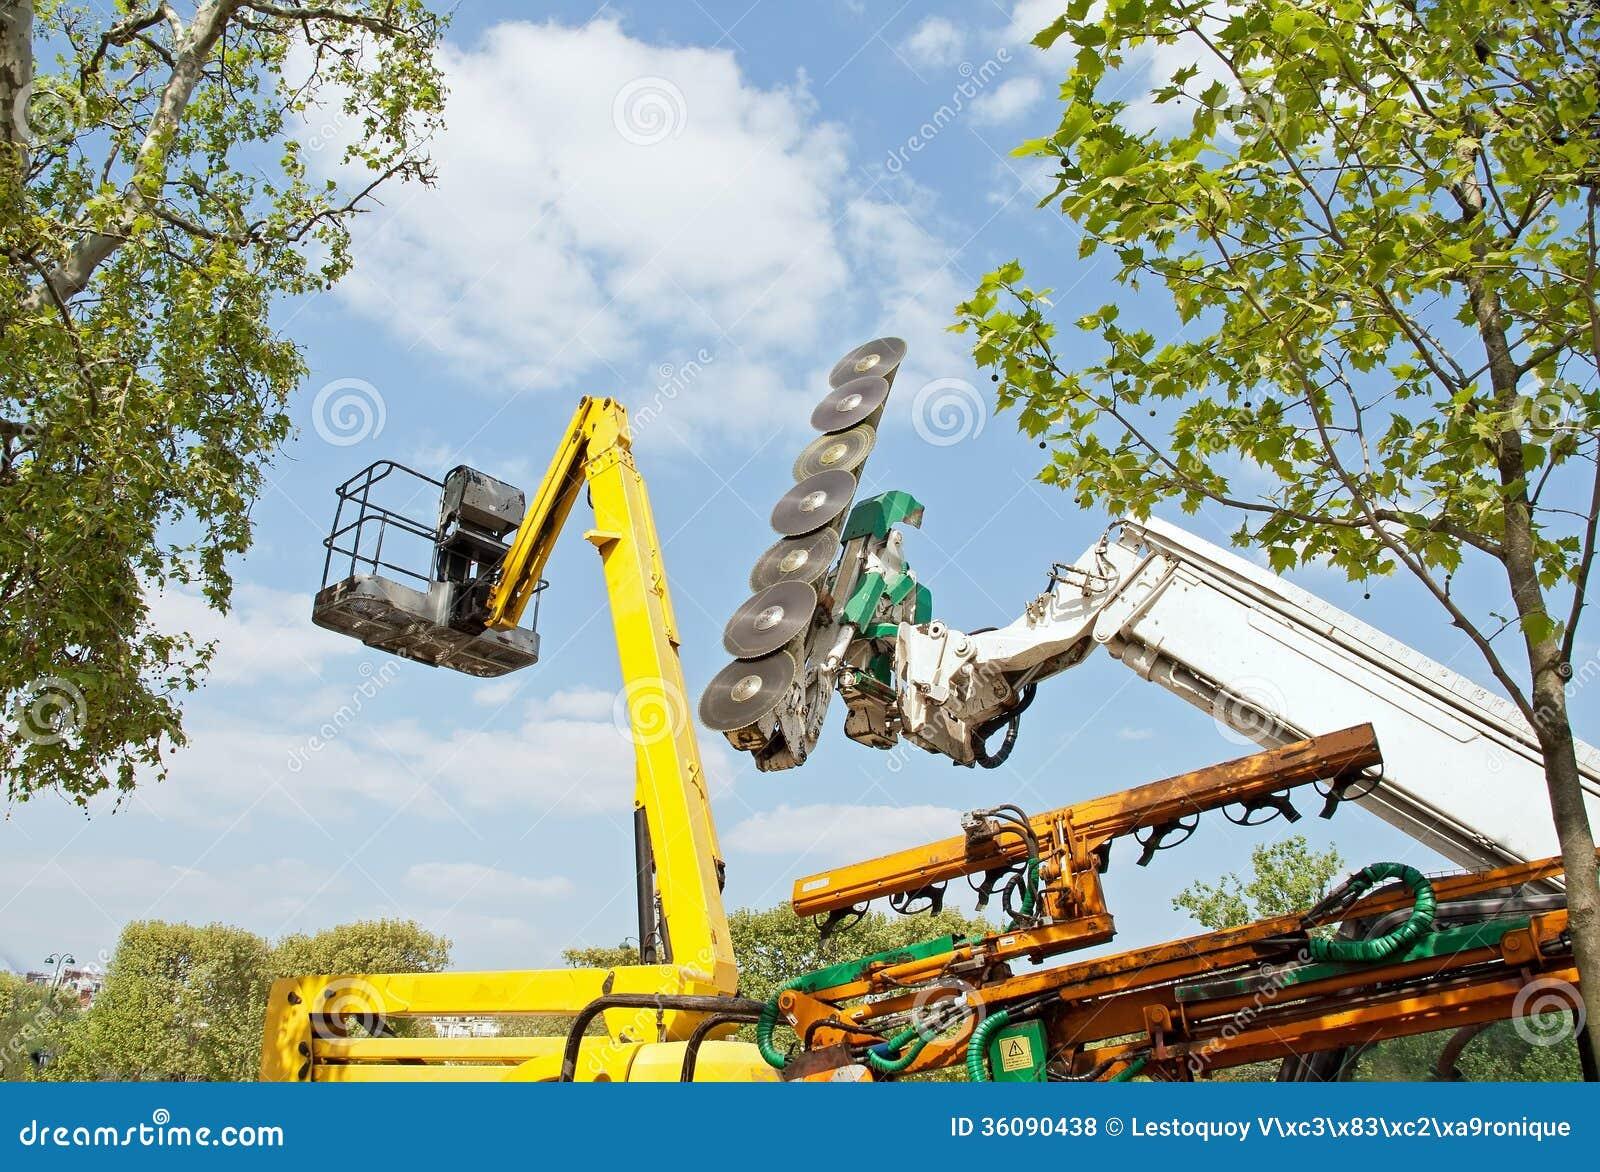 machine pour couper les arbres et la nacelle quipement pour le jardinage urbain photo stock. Black Bedroom Furniture Sets. Home Design Ideas